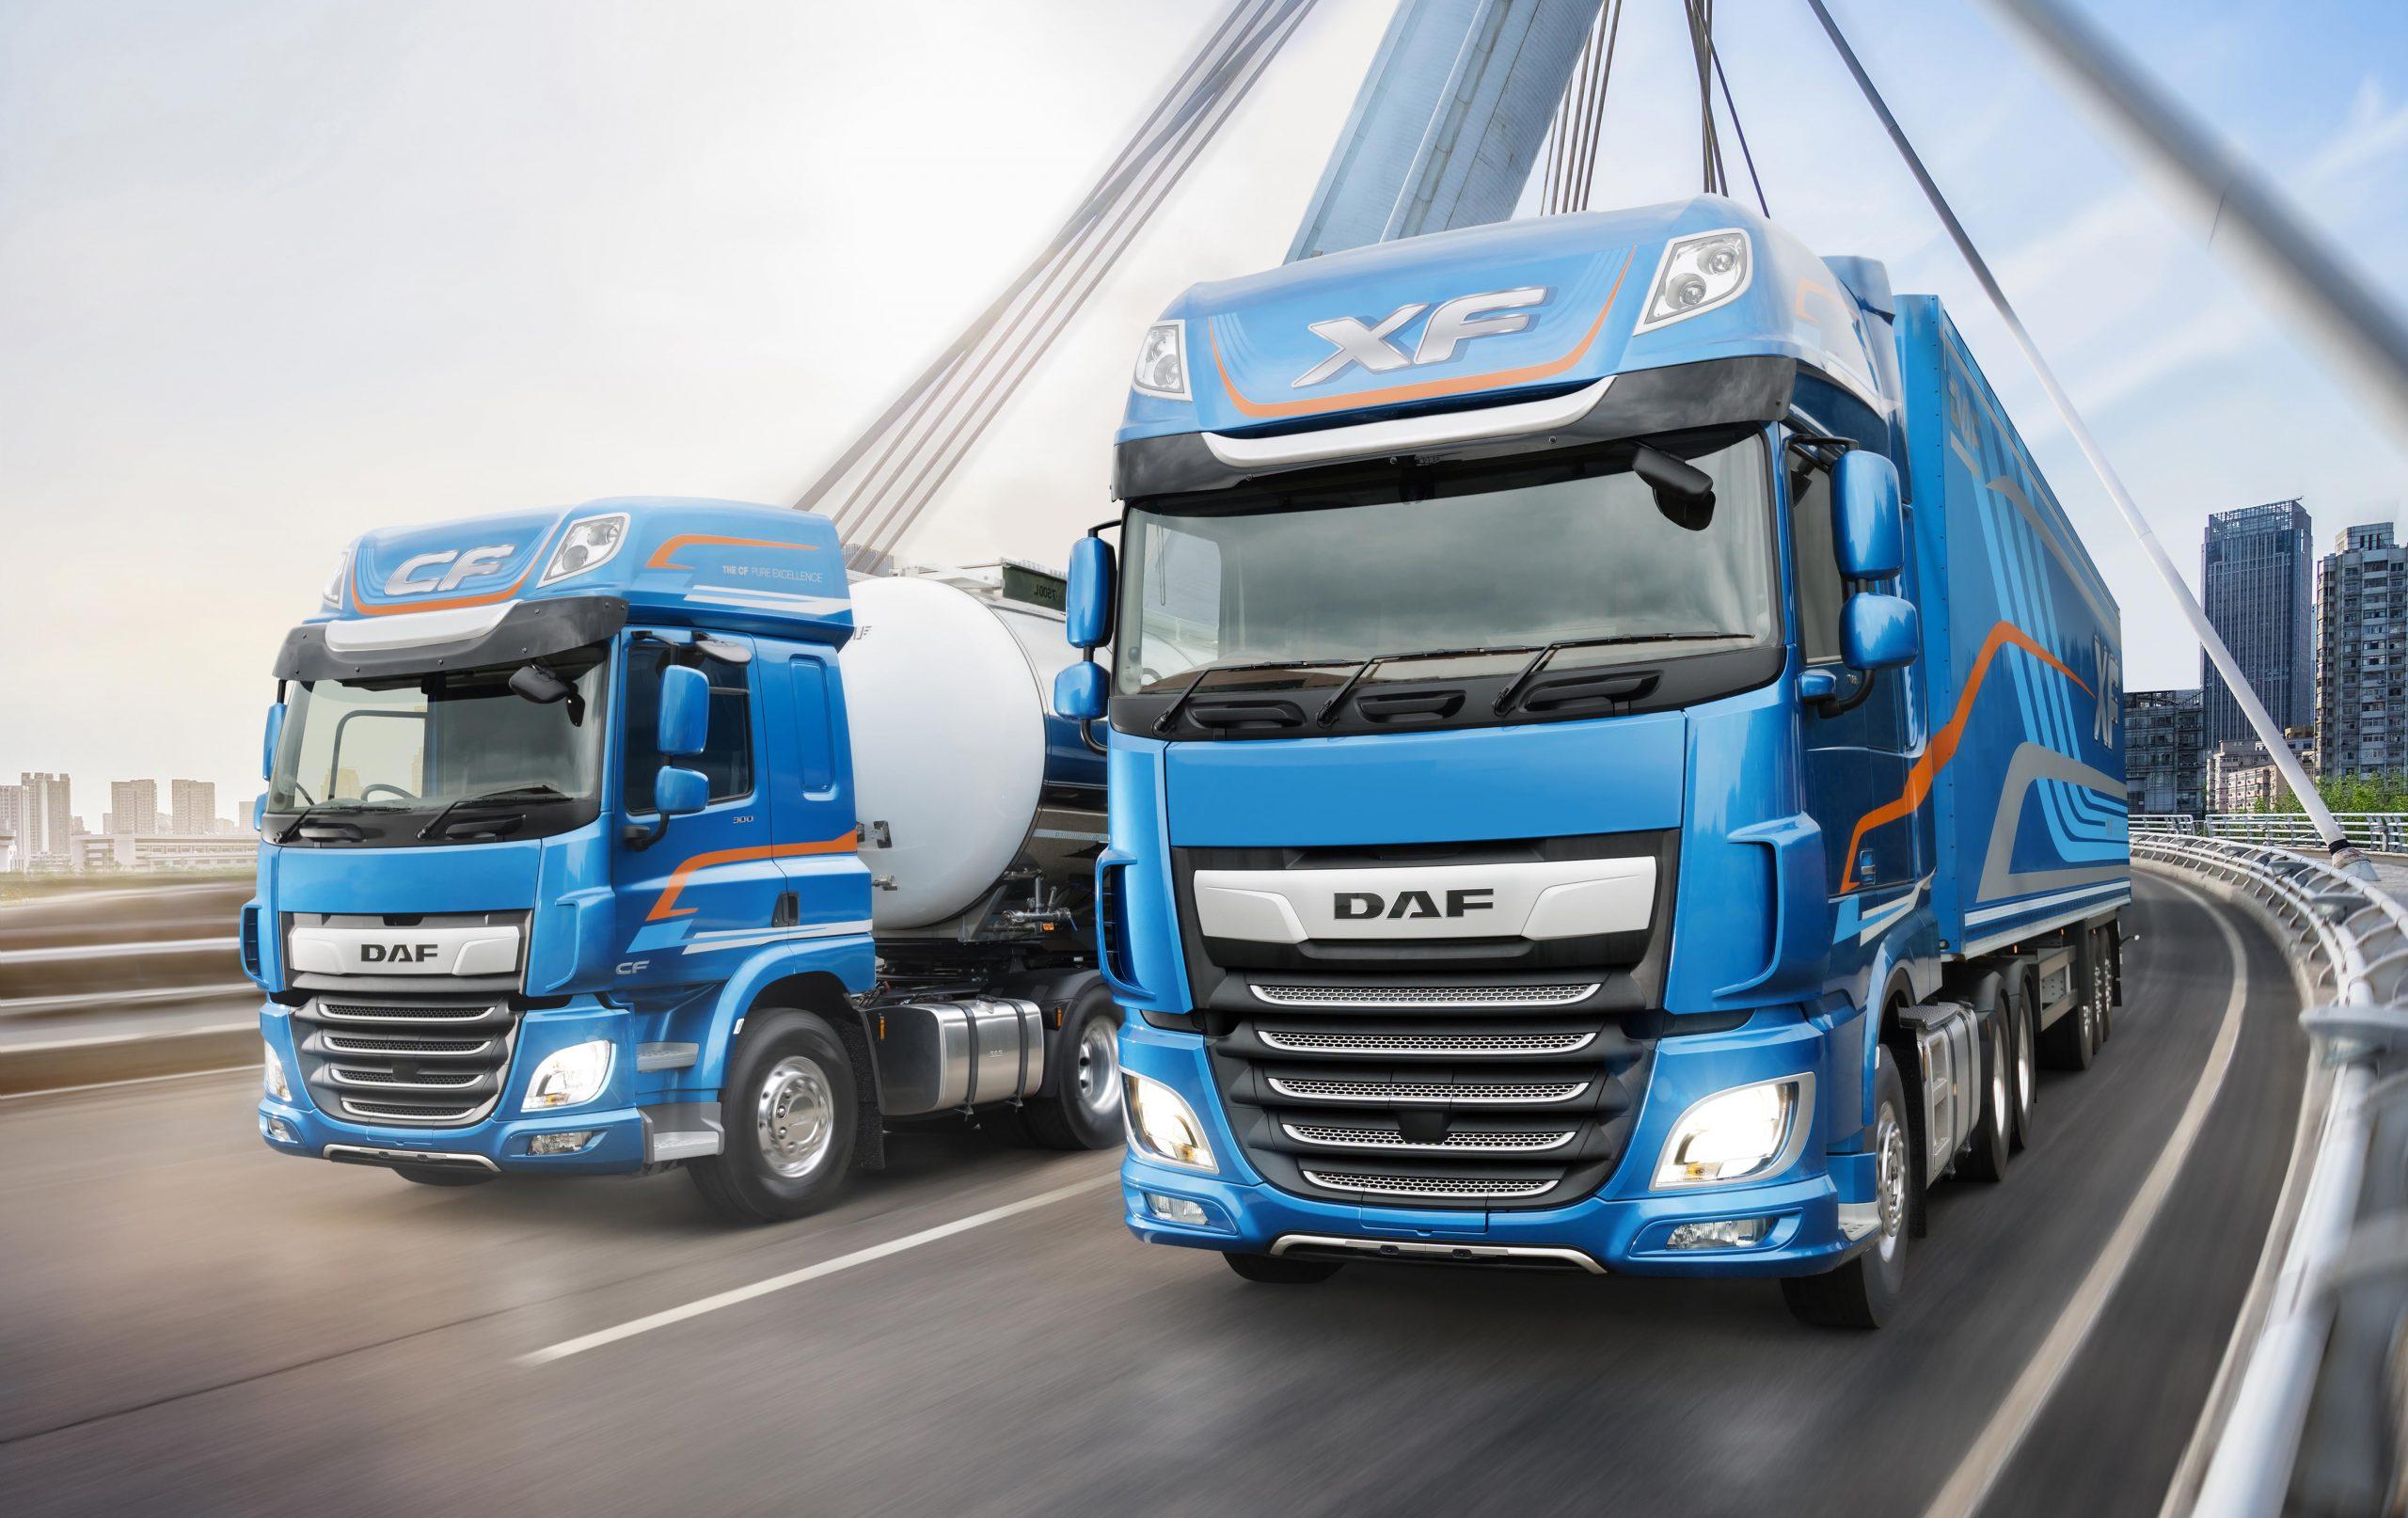 DAF Trucks Australia